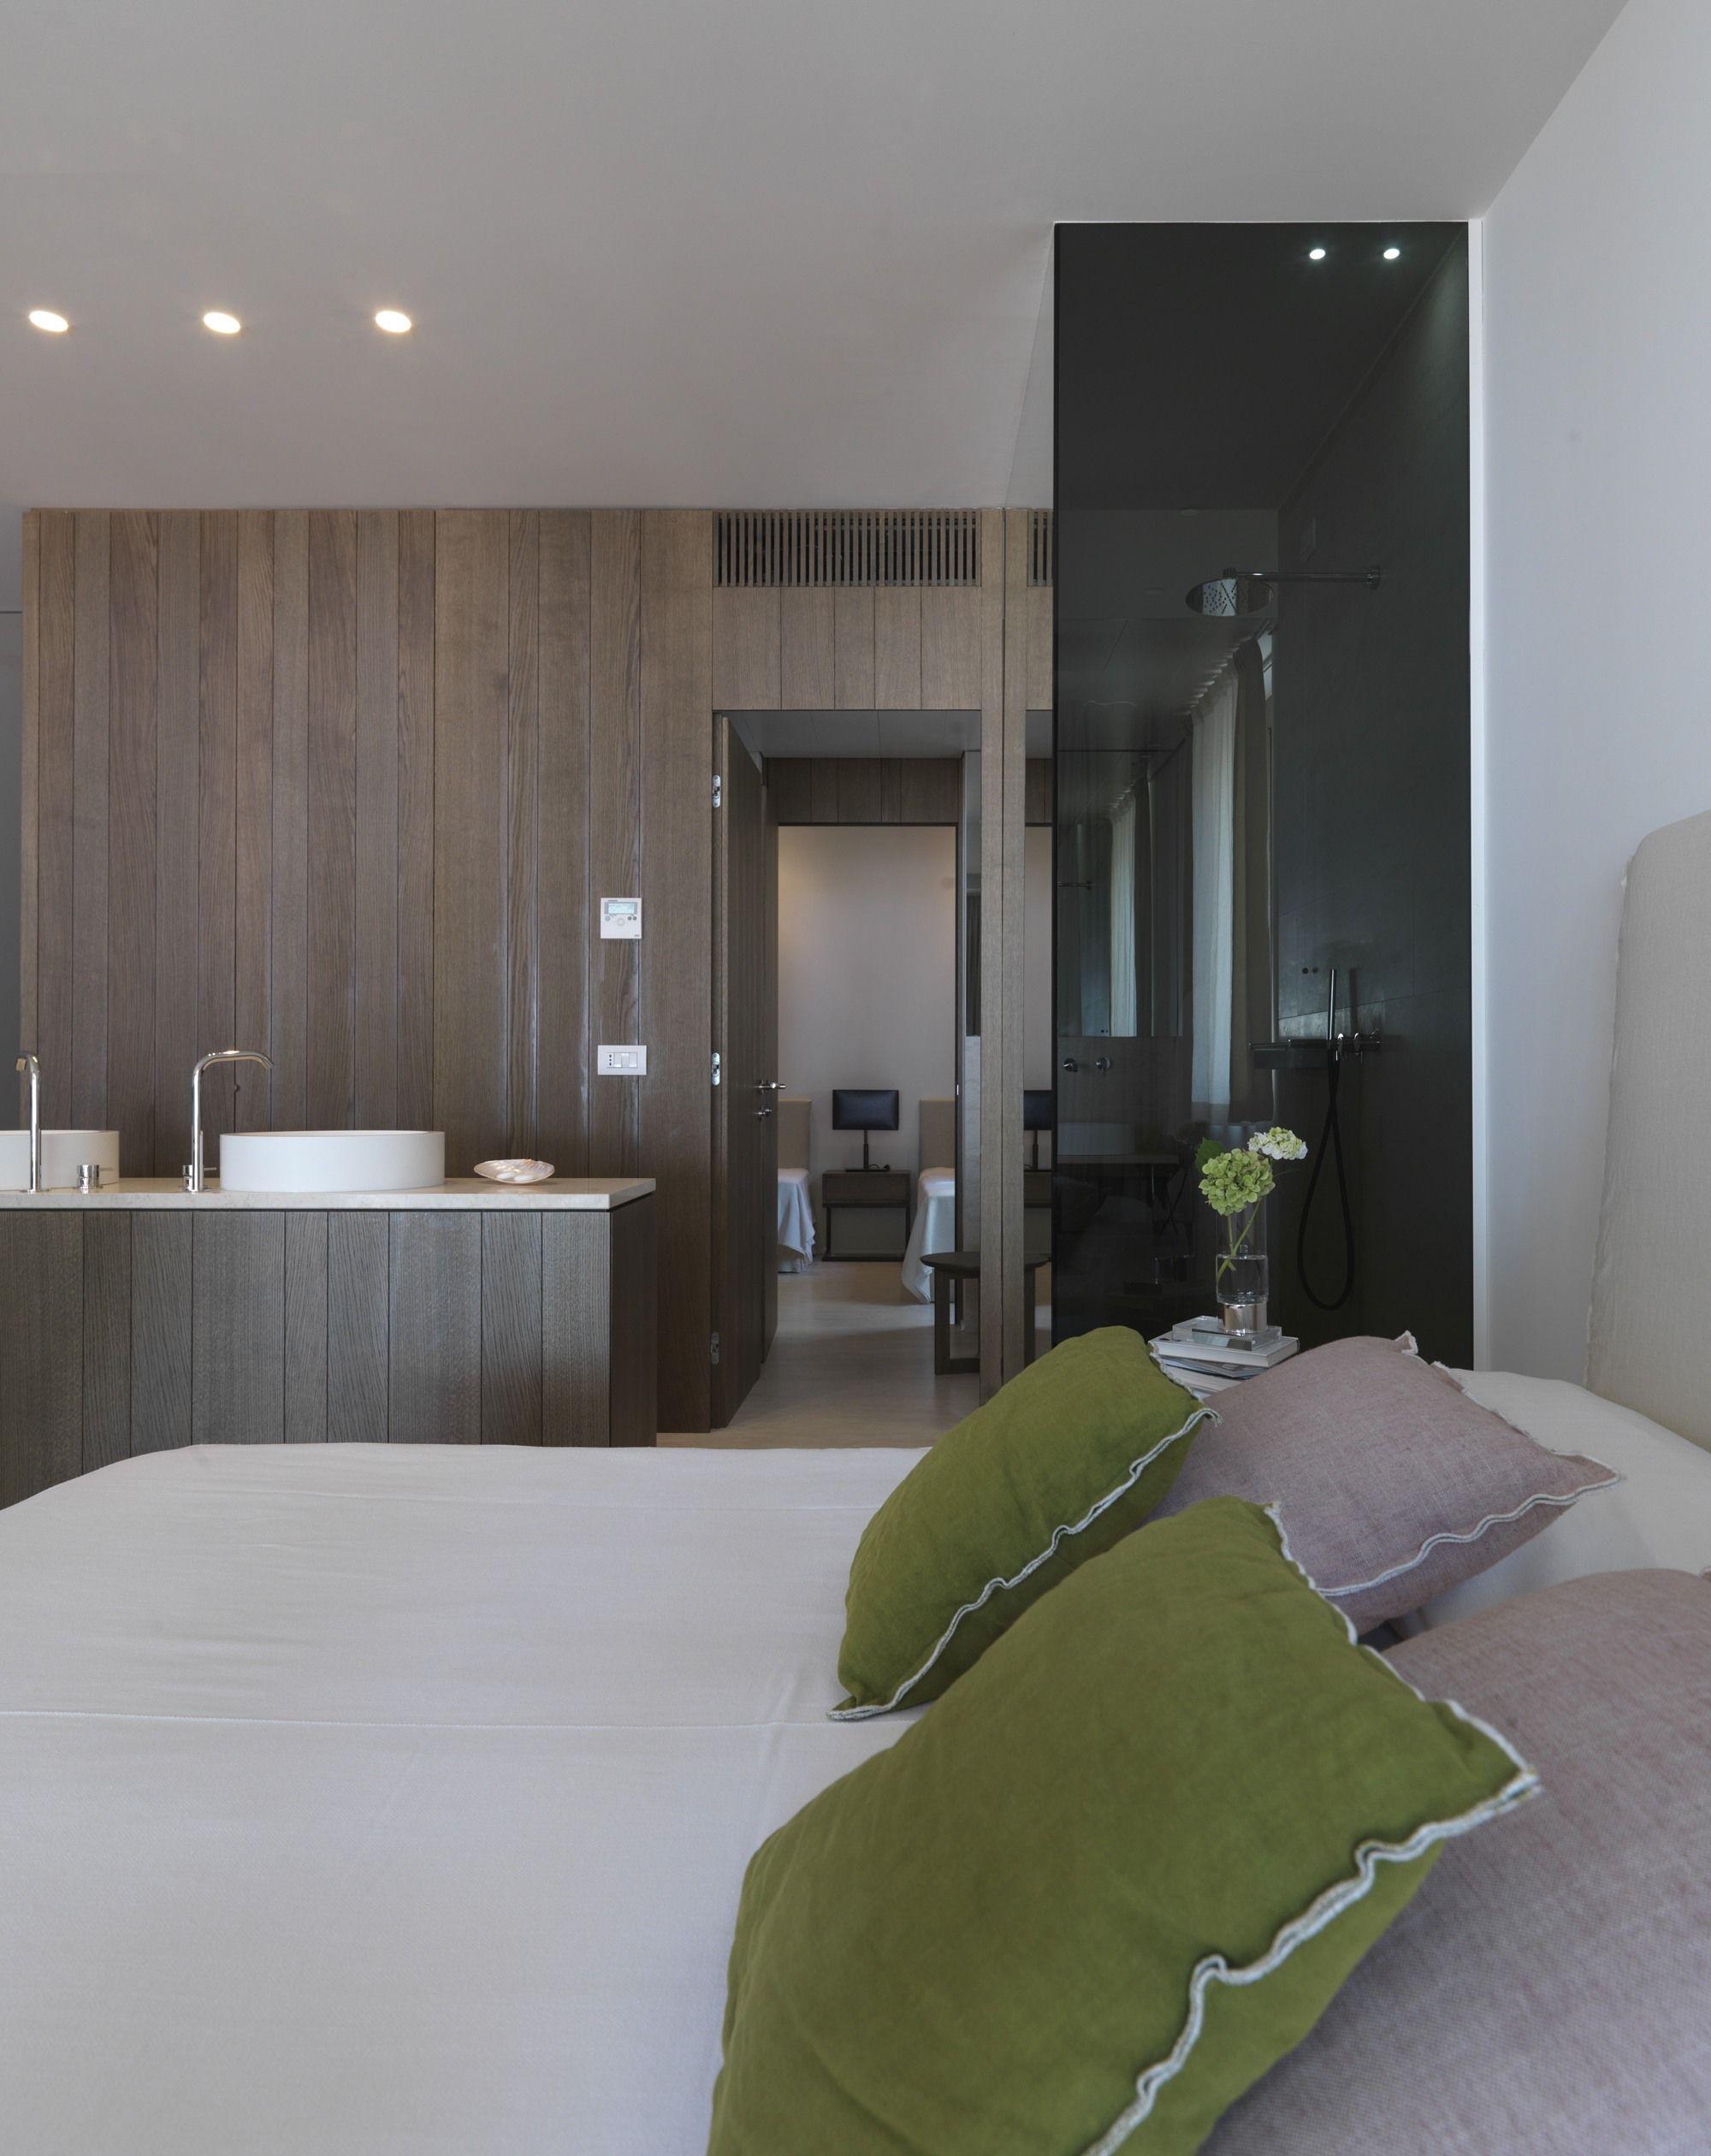 Risultati immagini per hotel mediterraneo jesolo parisotto